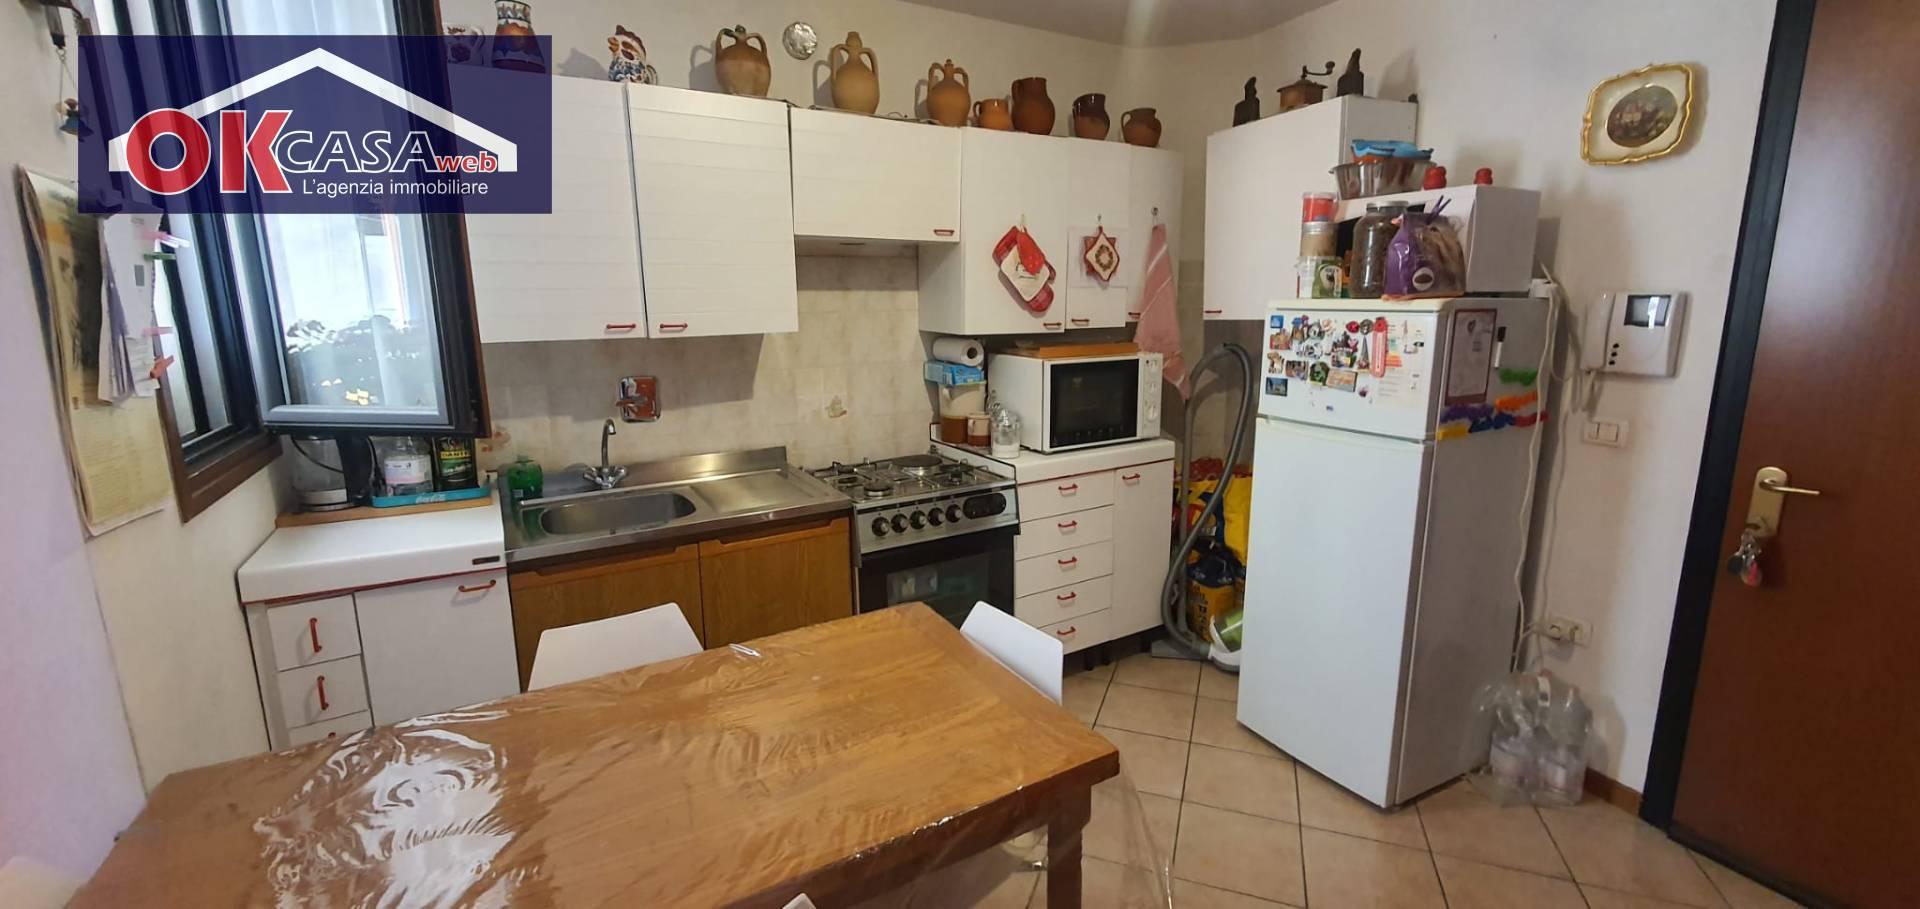 Appartamento   Gorizia, Monfalcone, duca d'aosta